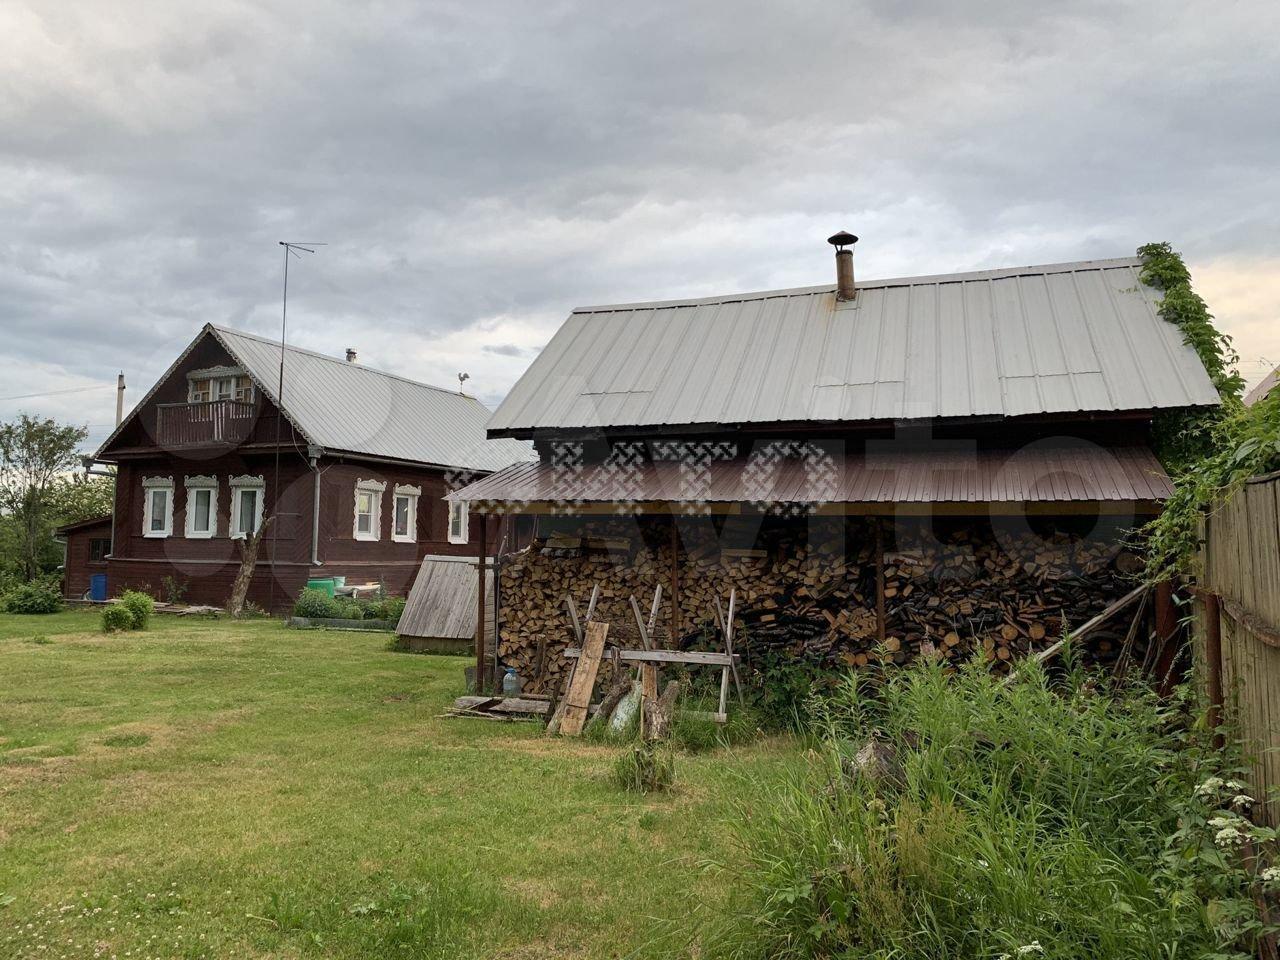 Продажа дачи, 100м <sup>2</sup>, 10 сот., Москва